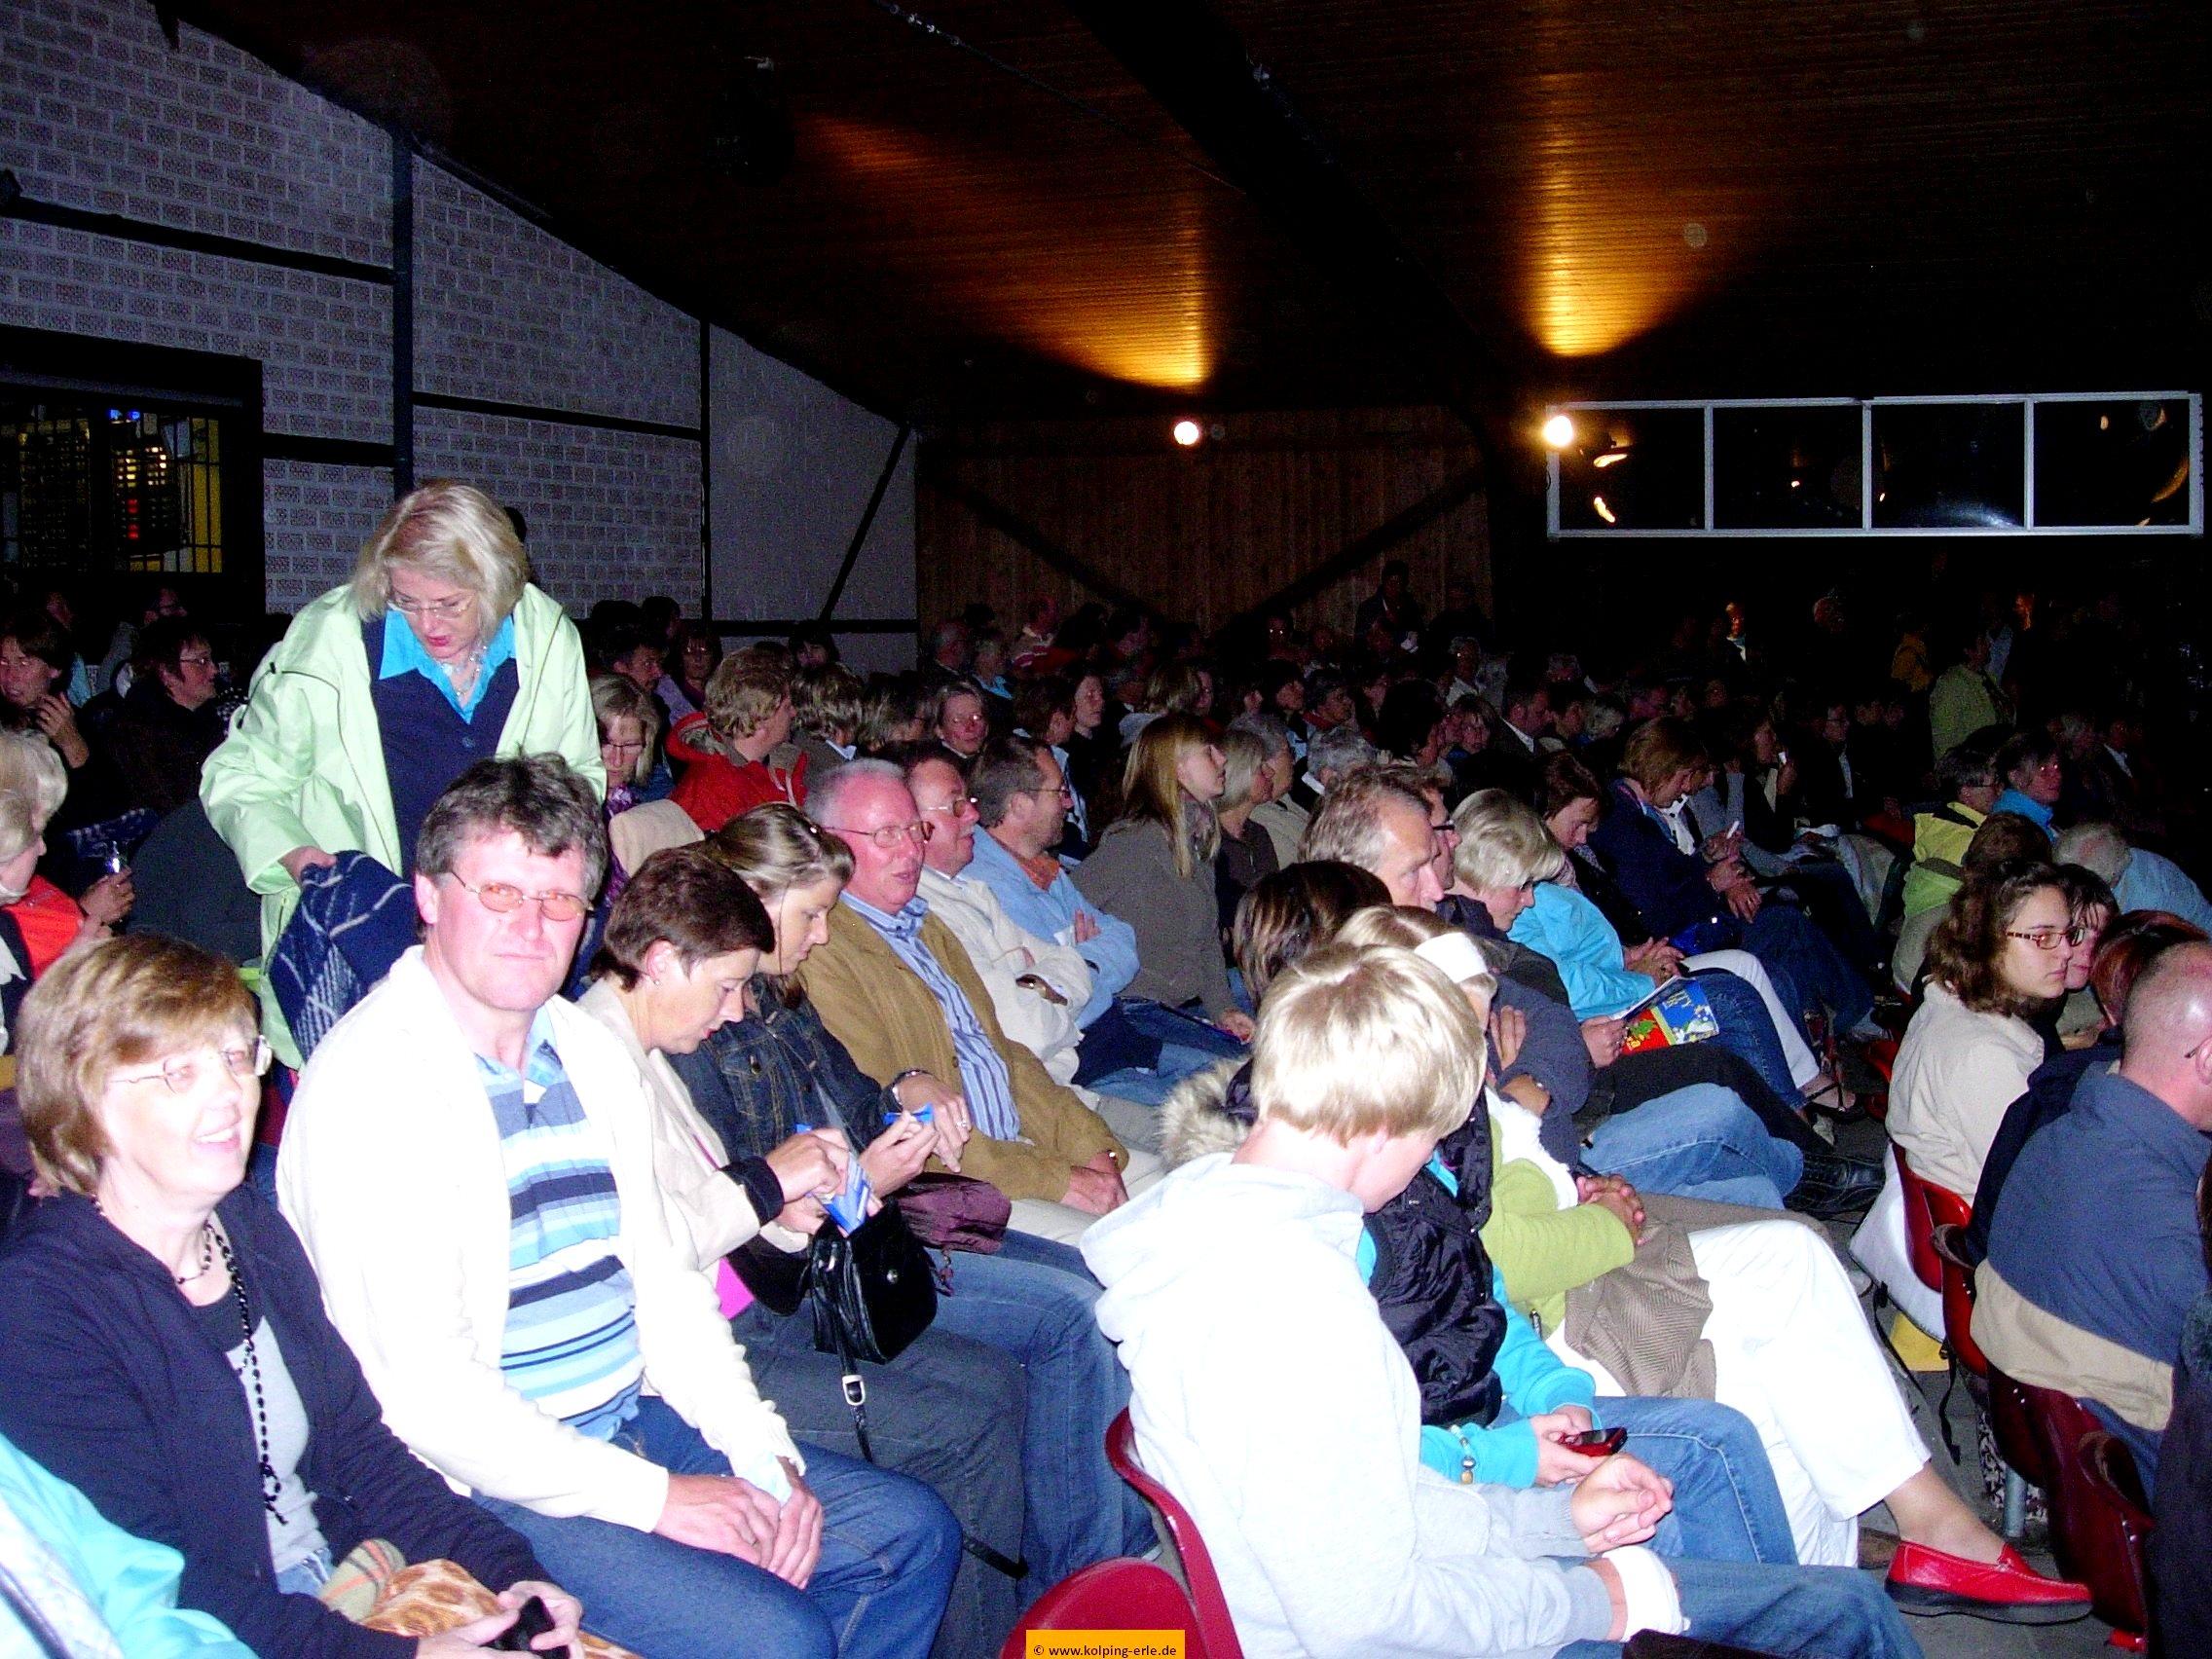 Begeisterte Zuschauer beim Musical in Coesfeld